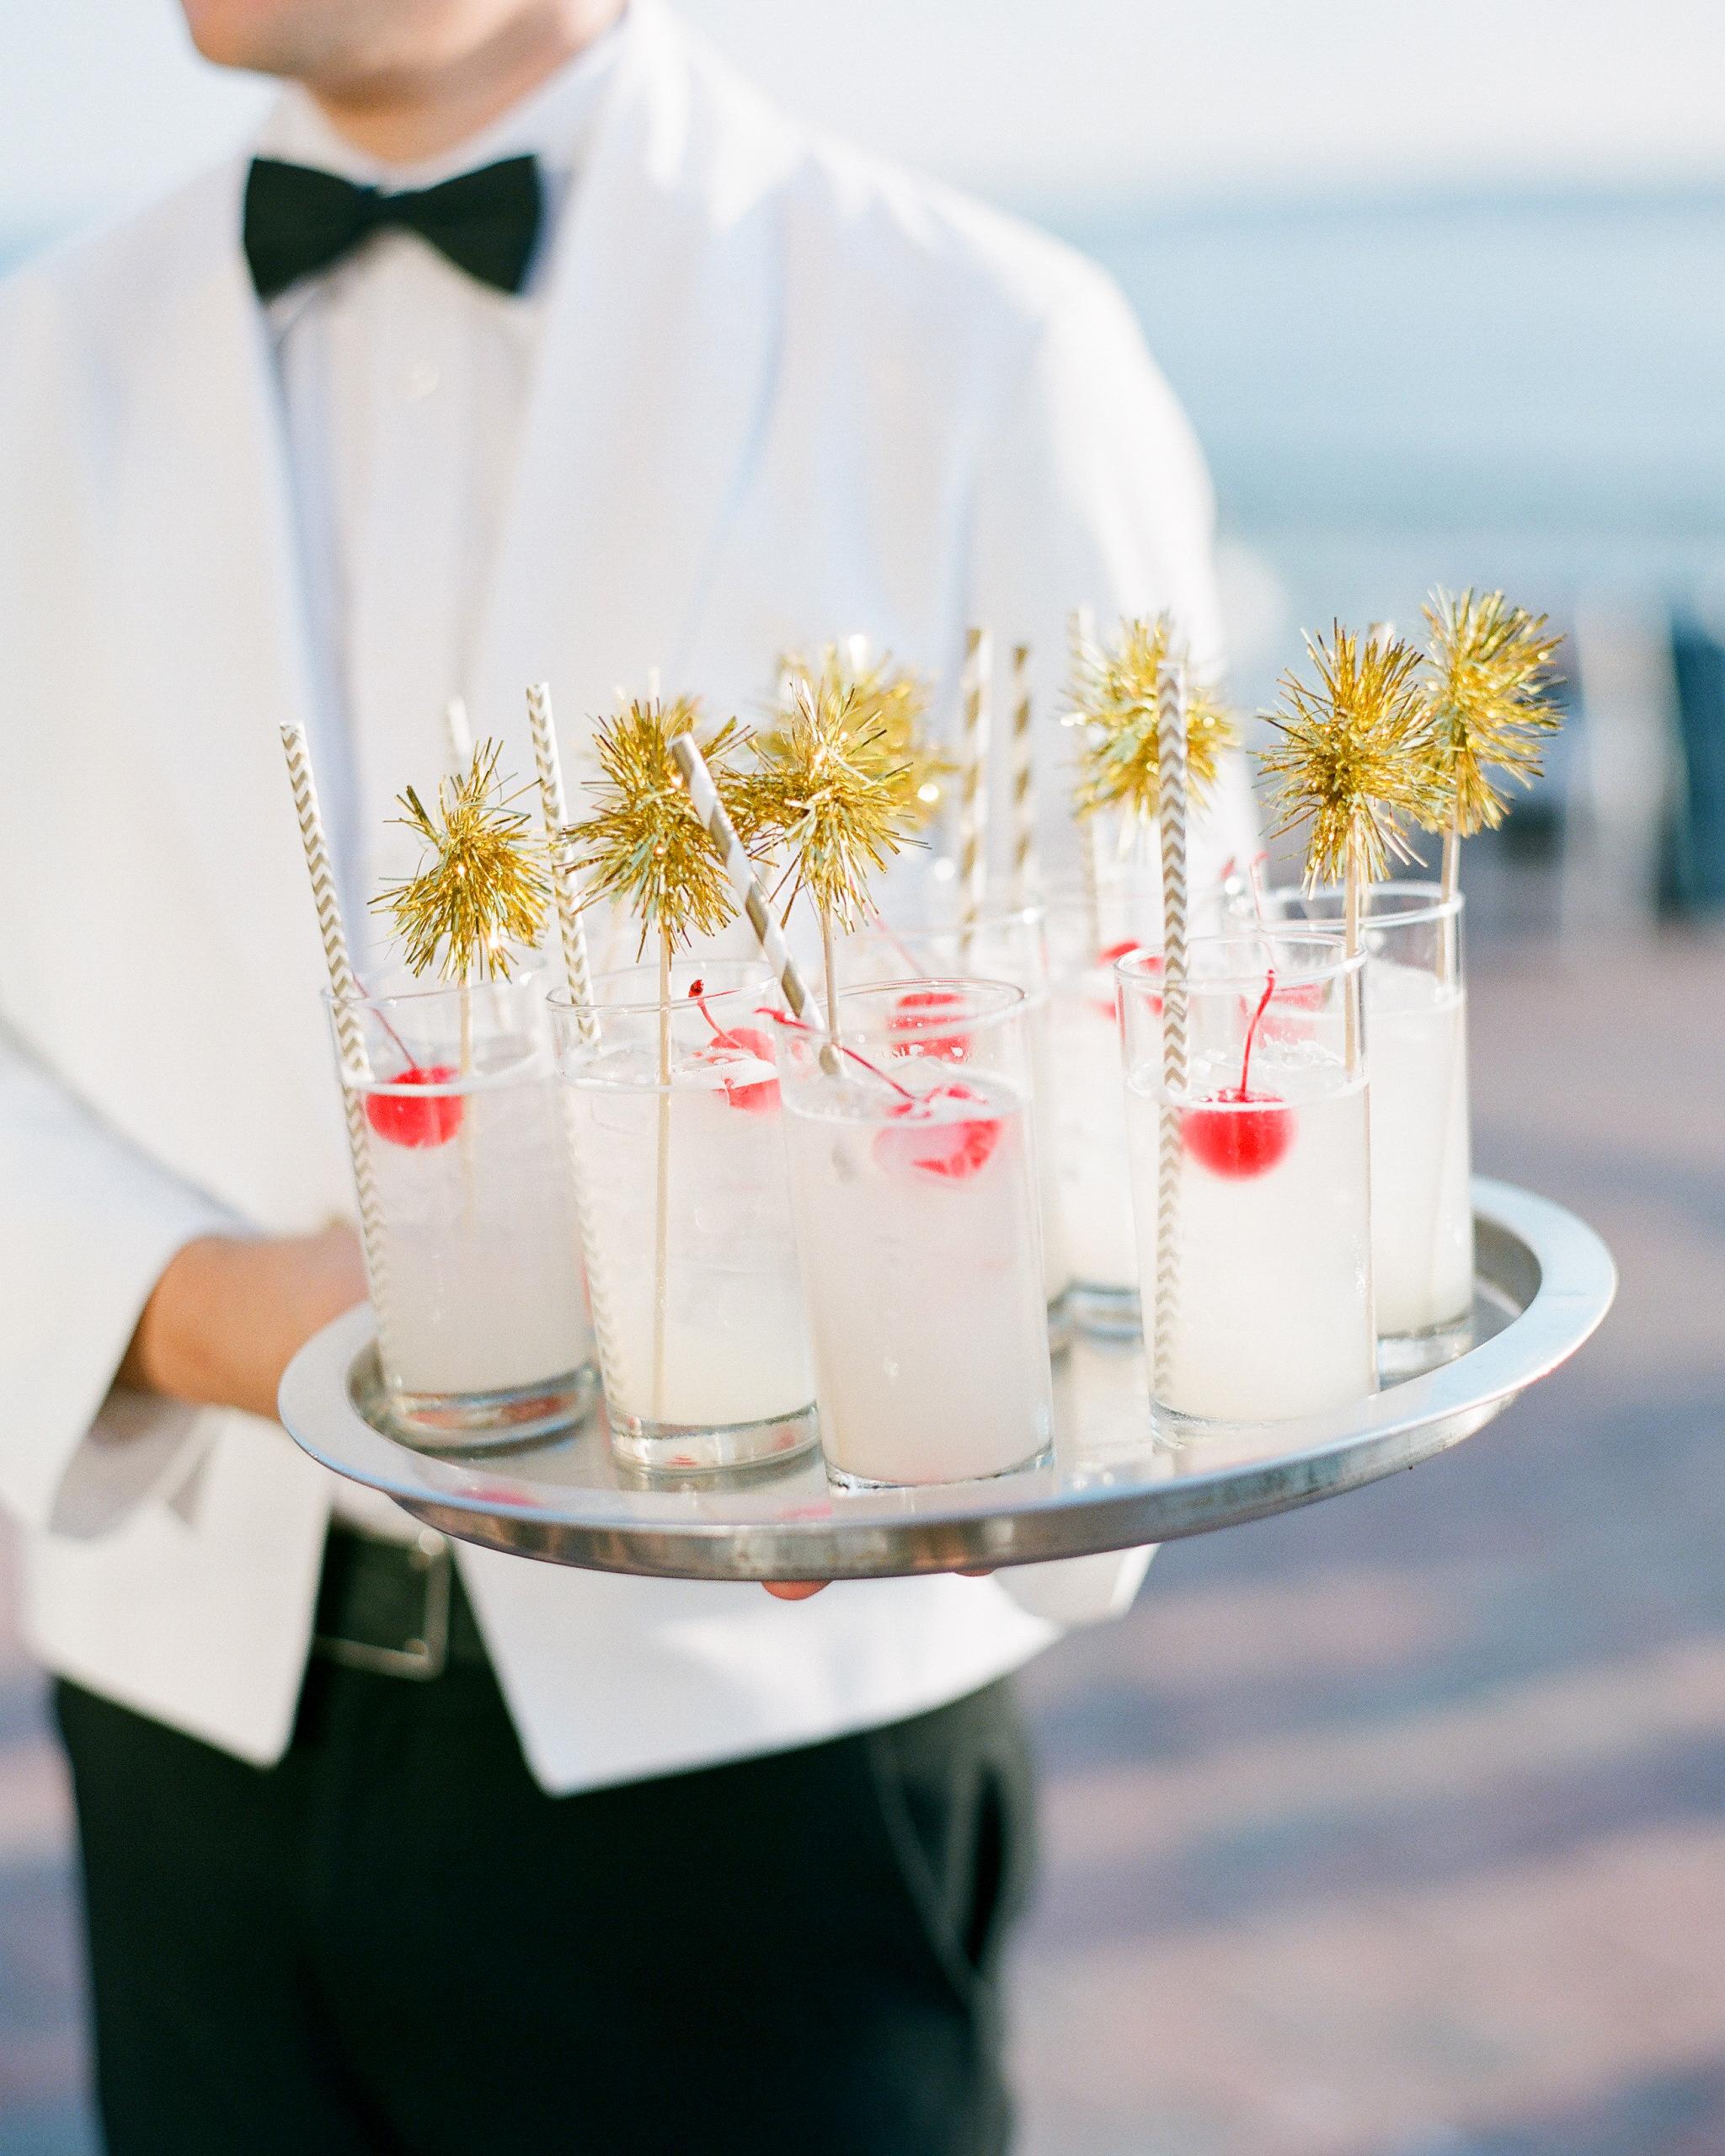 amy-bob-wedding-drinks-0674-s111884-0715.jpg